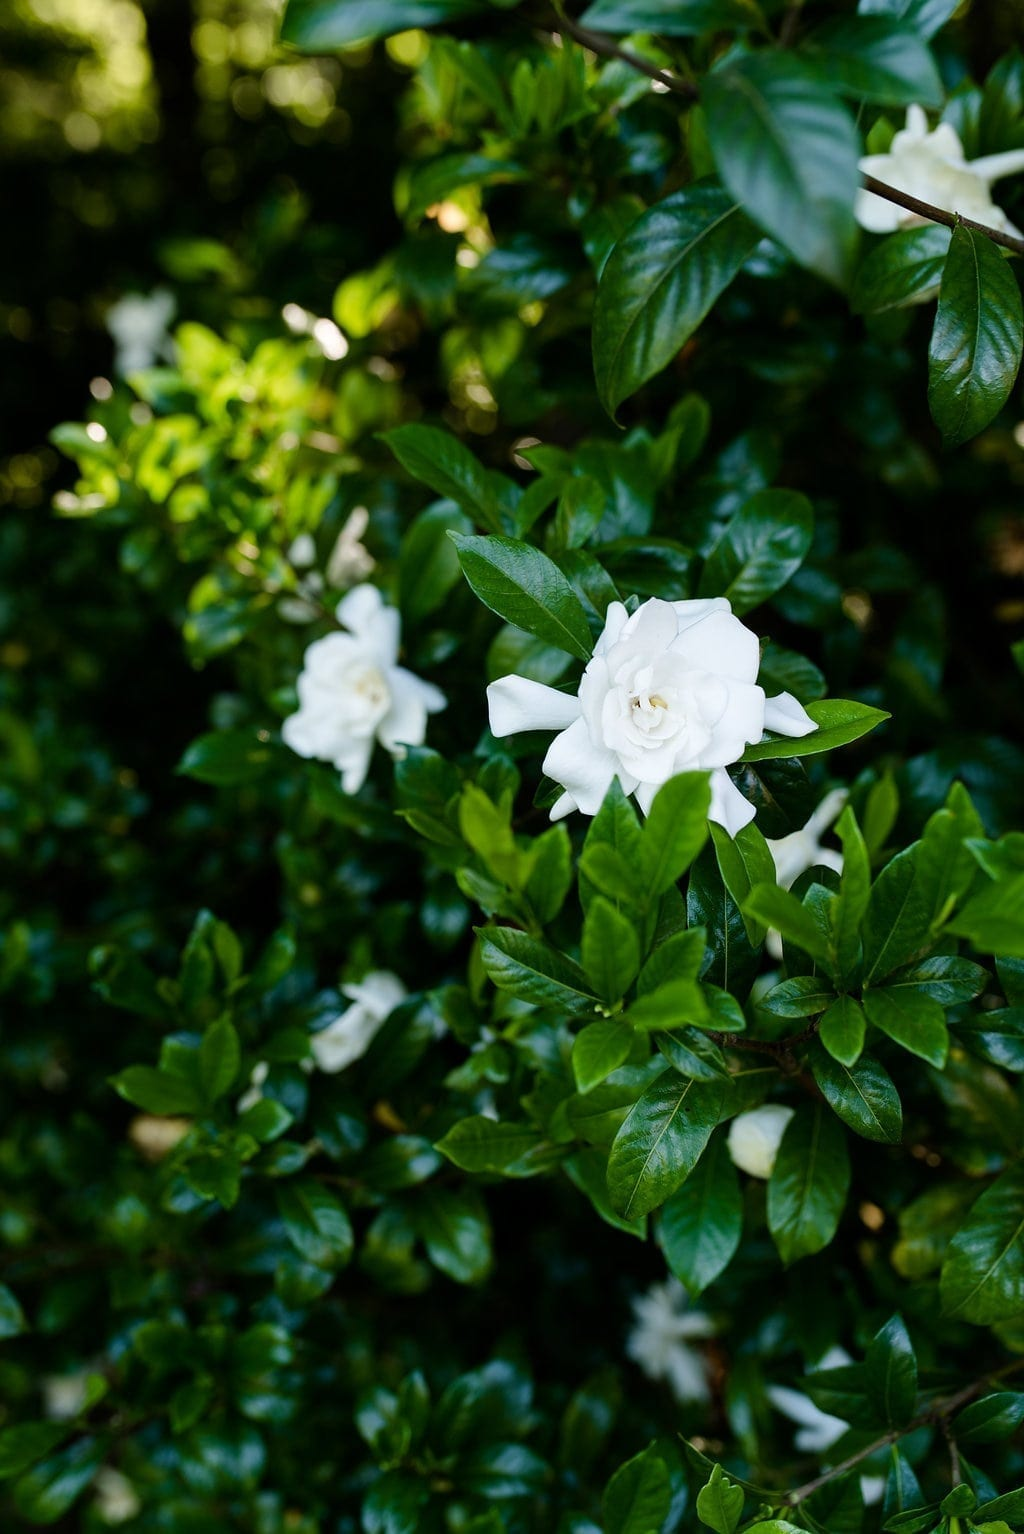 Gardenia bushes in Atlanta, Georgia.